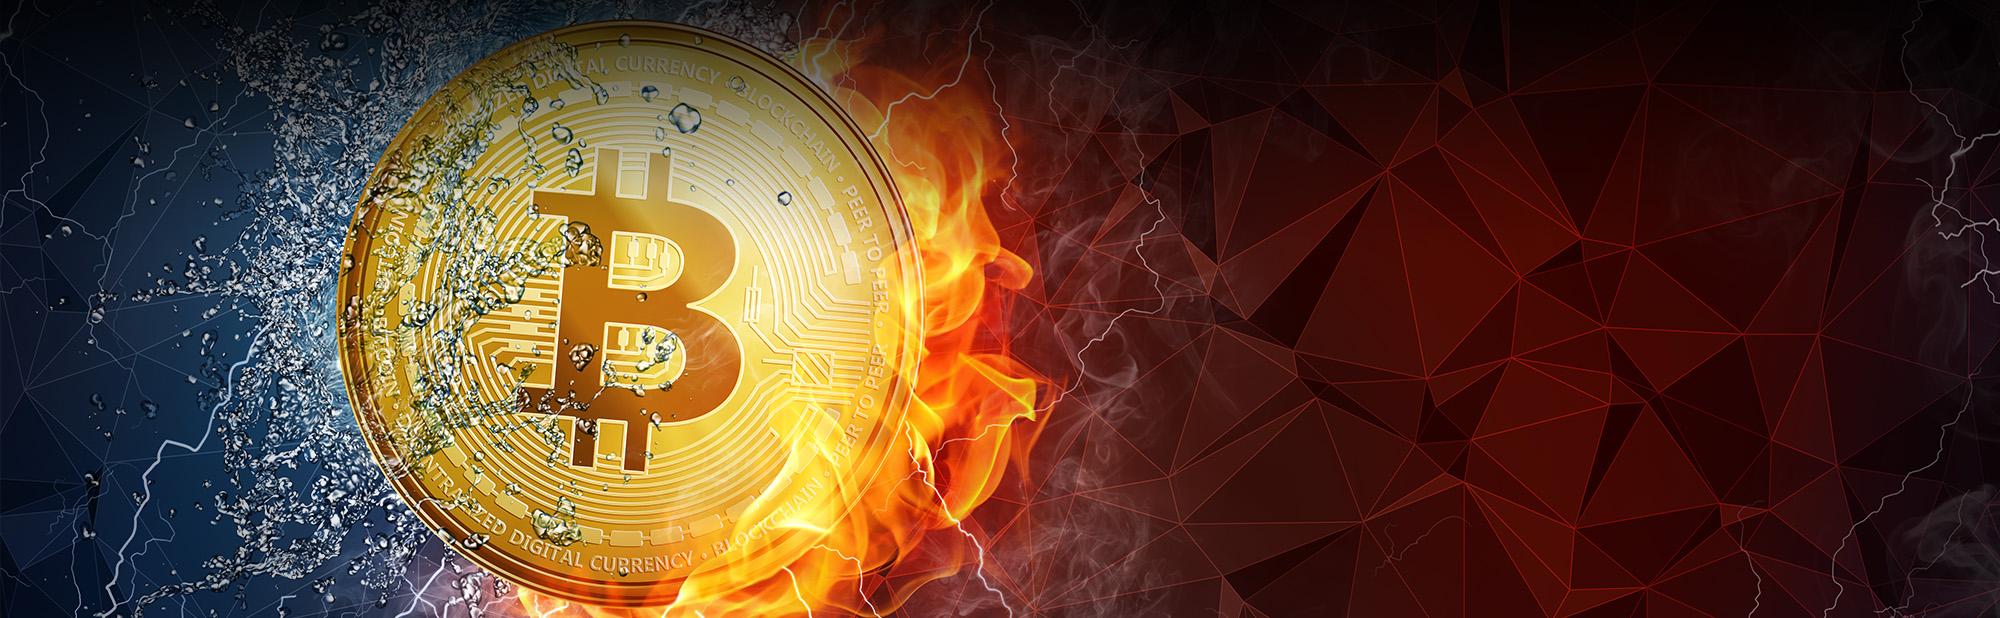 bitcoi_web_banner2 (1)